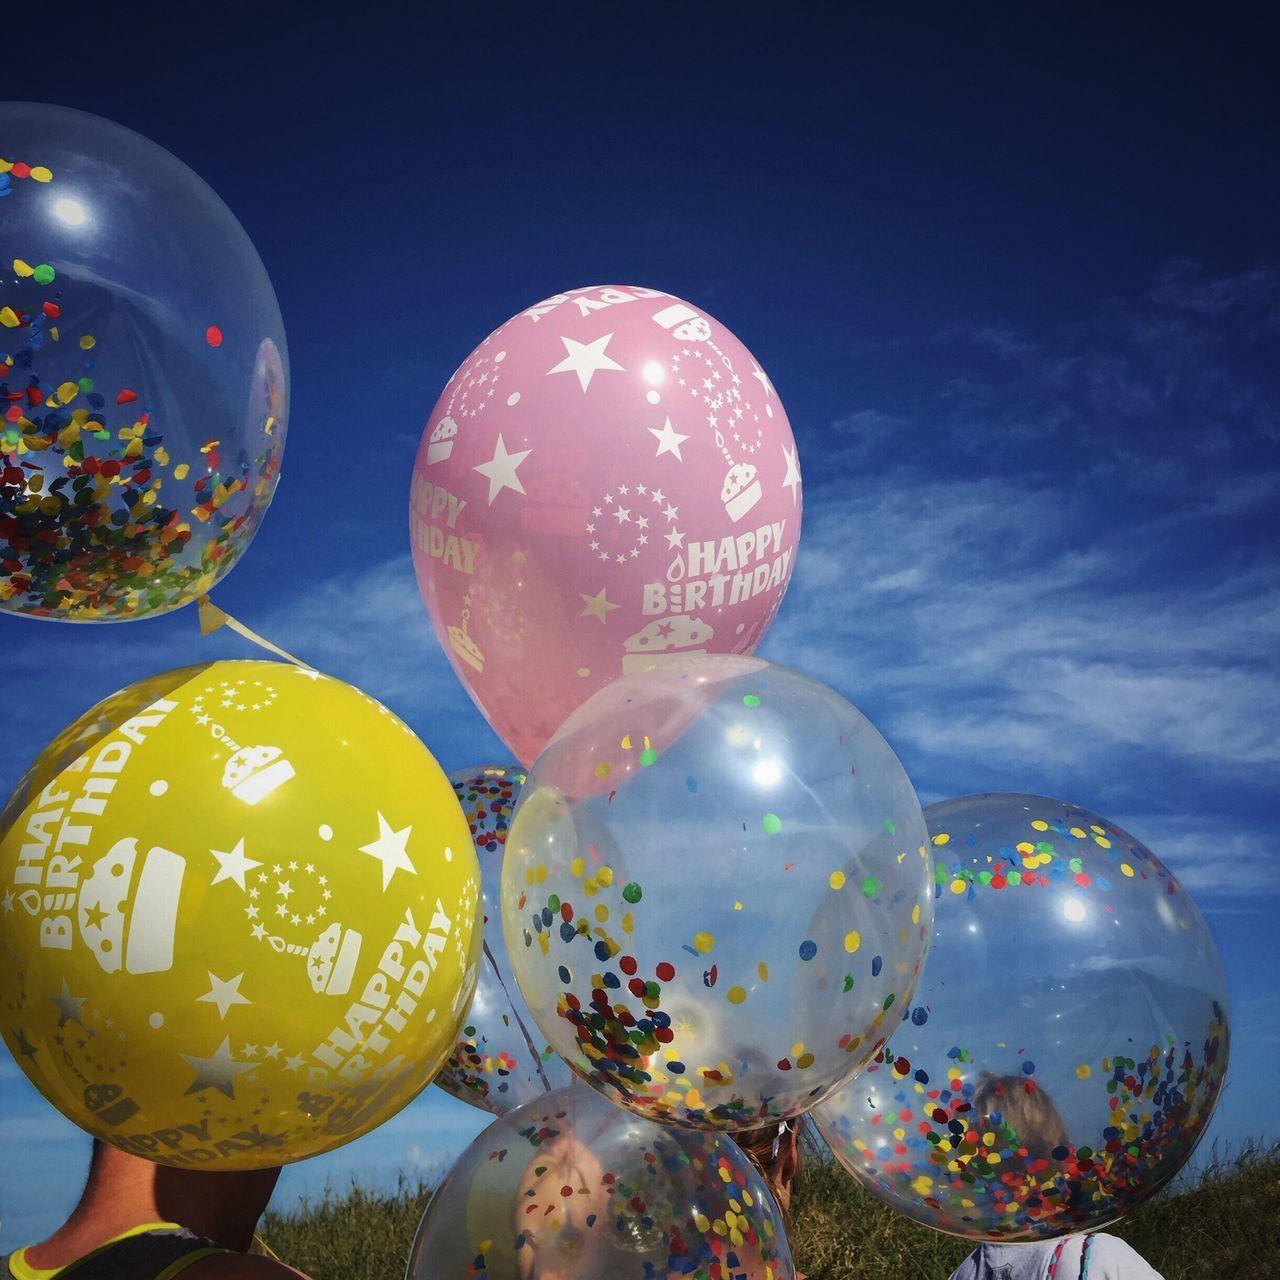 Birthday balloons Balloon Helium Balloon Balloons Birthdayparty Birthday Balloons Celebrations Celebrating Party Time Party Time!